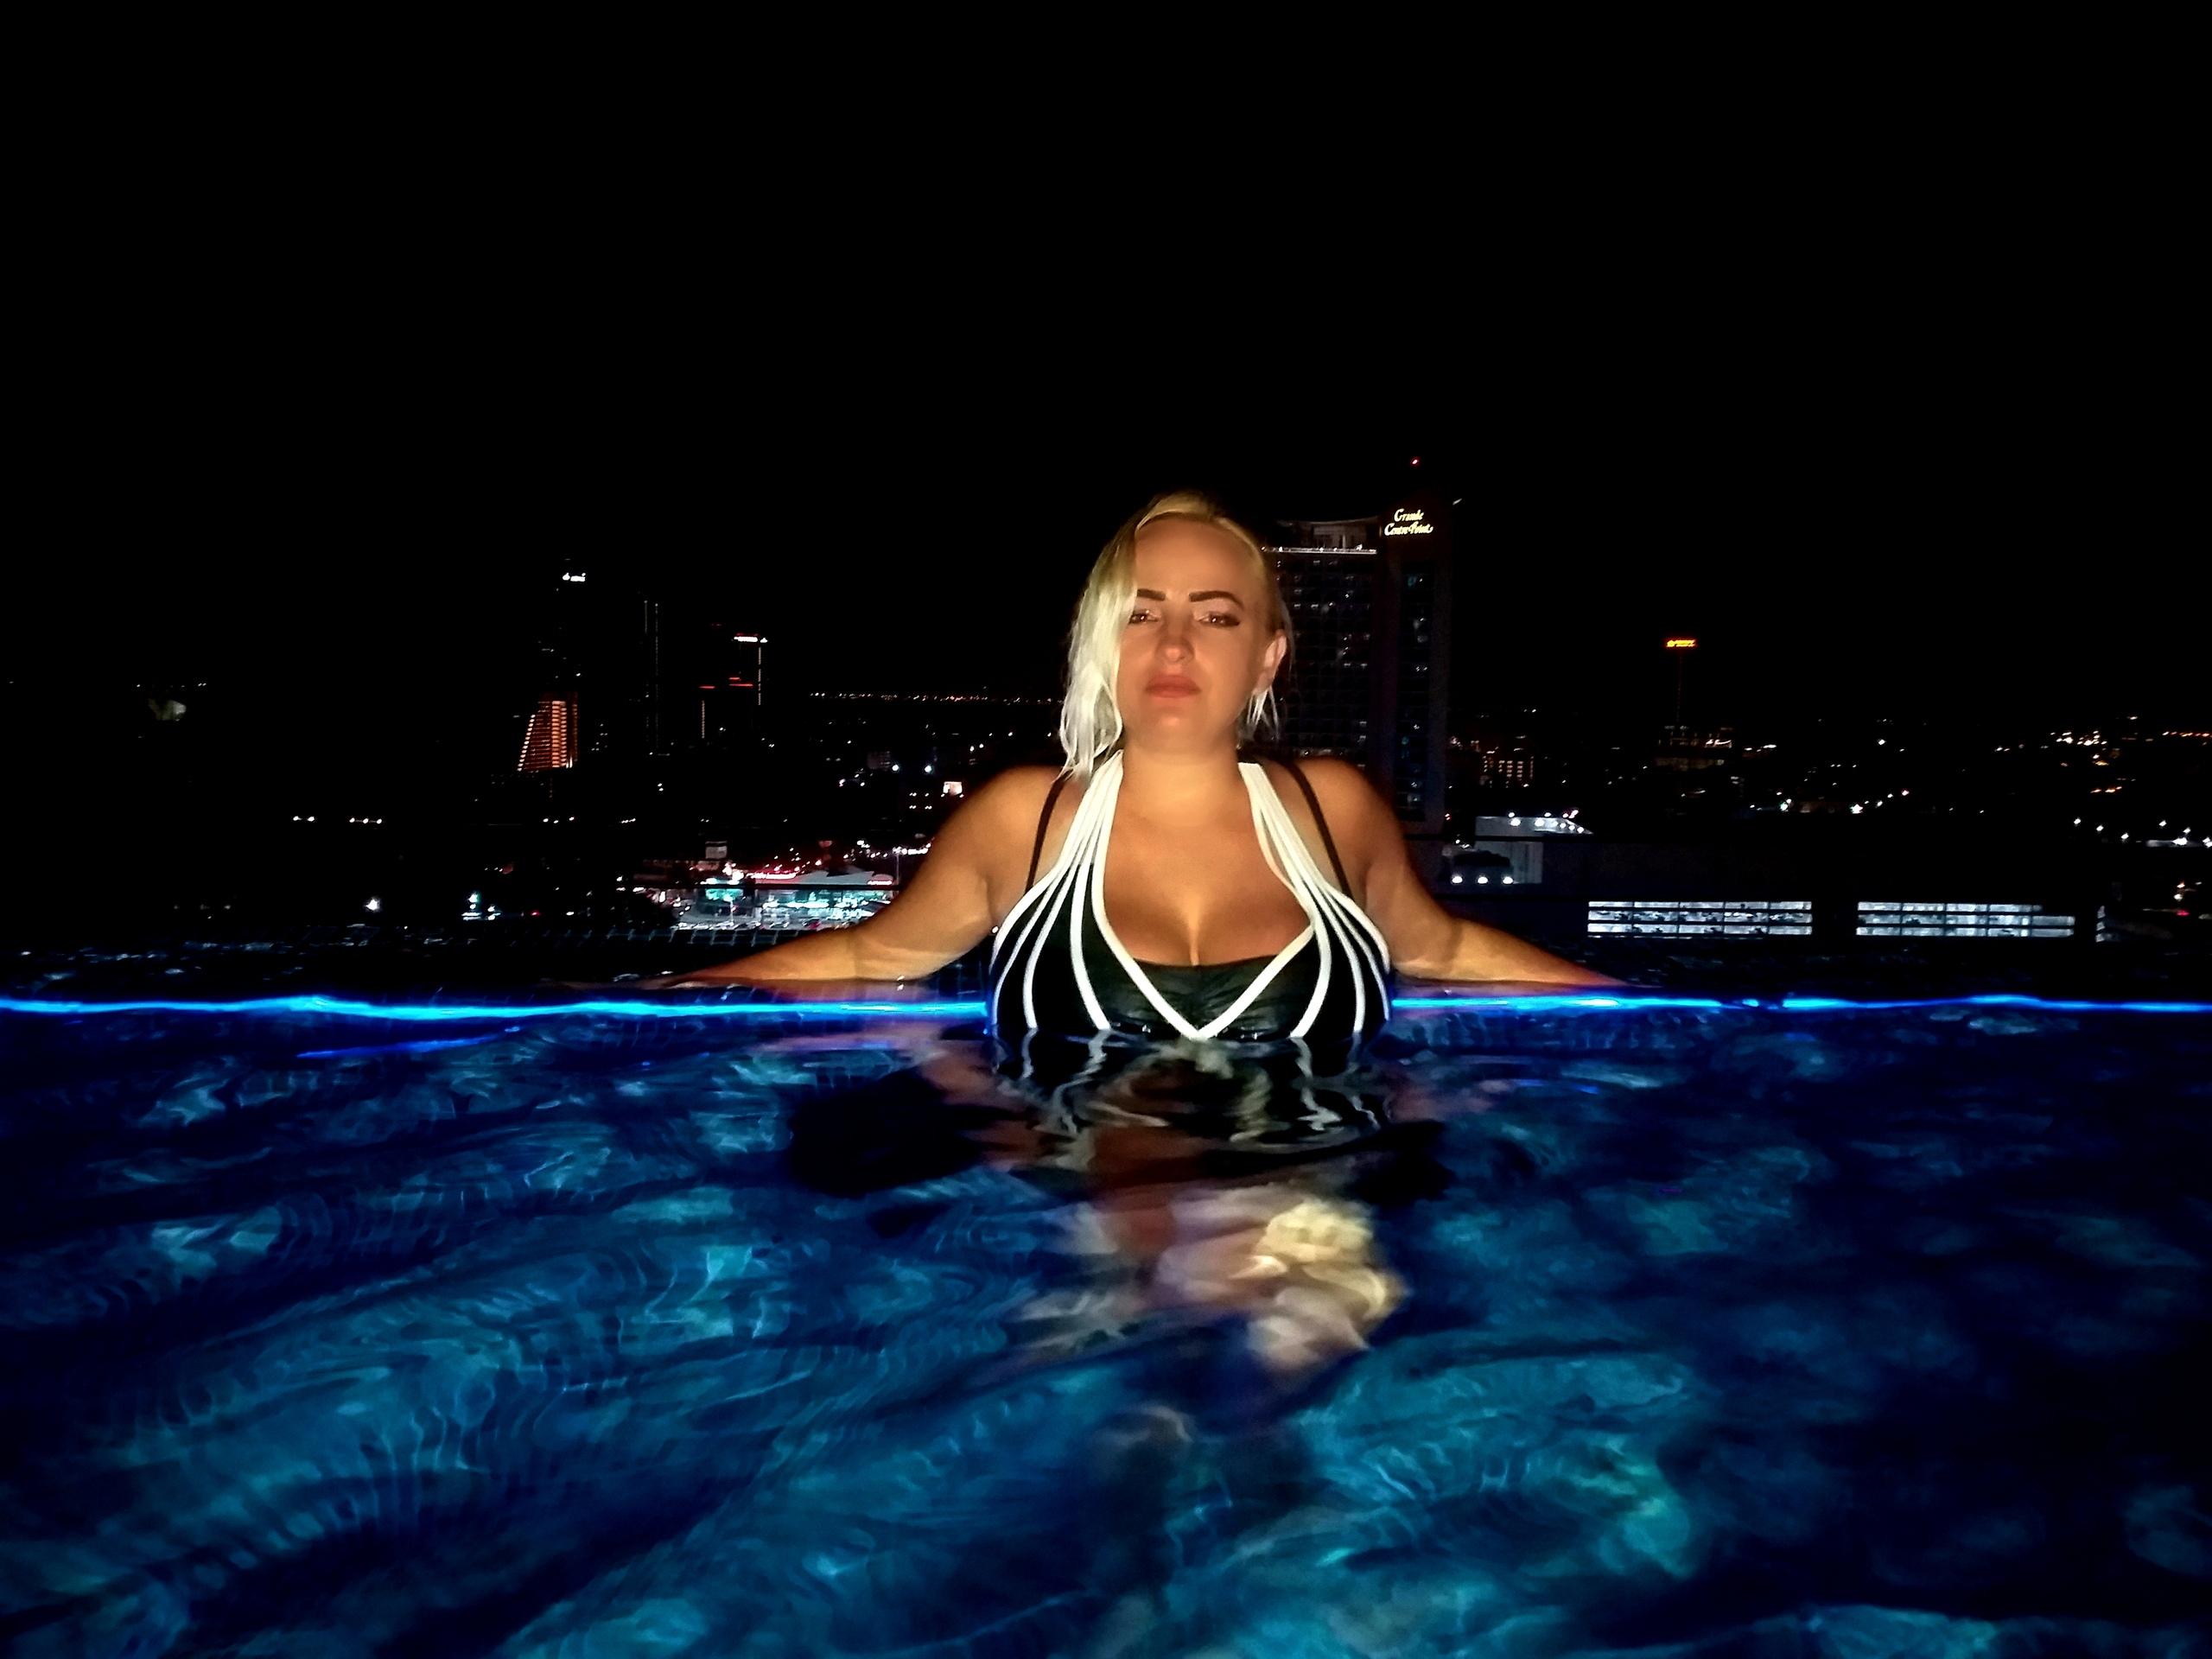 Елена Руденко (Валтея). Таиланд мои впечатления. отзывы, достопримечательности, фото и видео.   W9E10rKaYn0